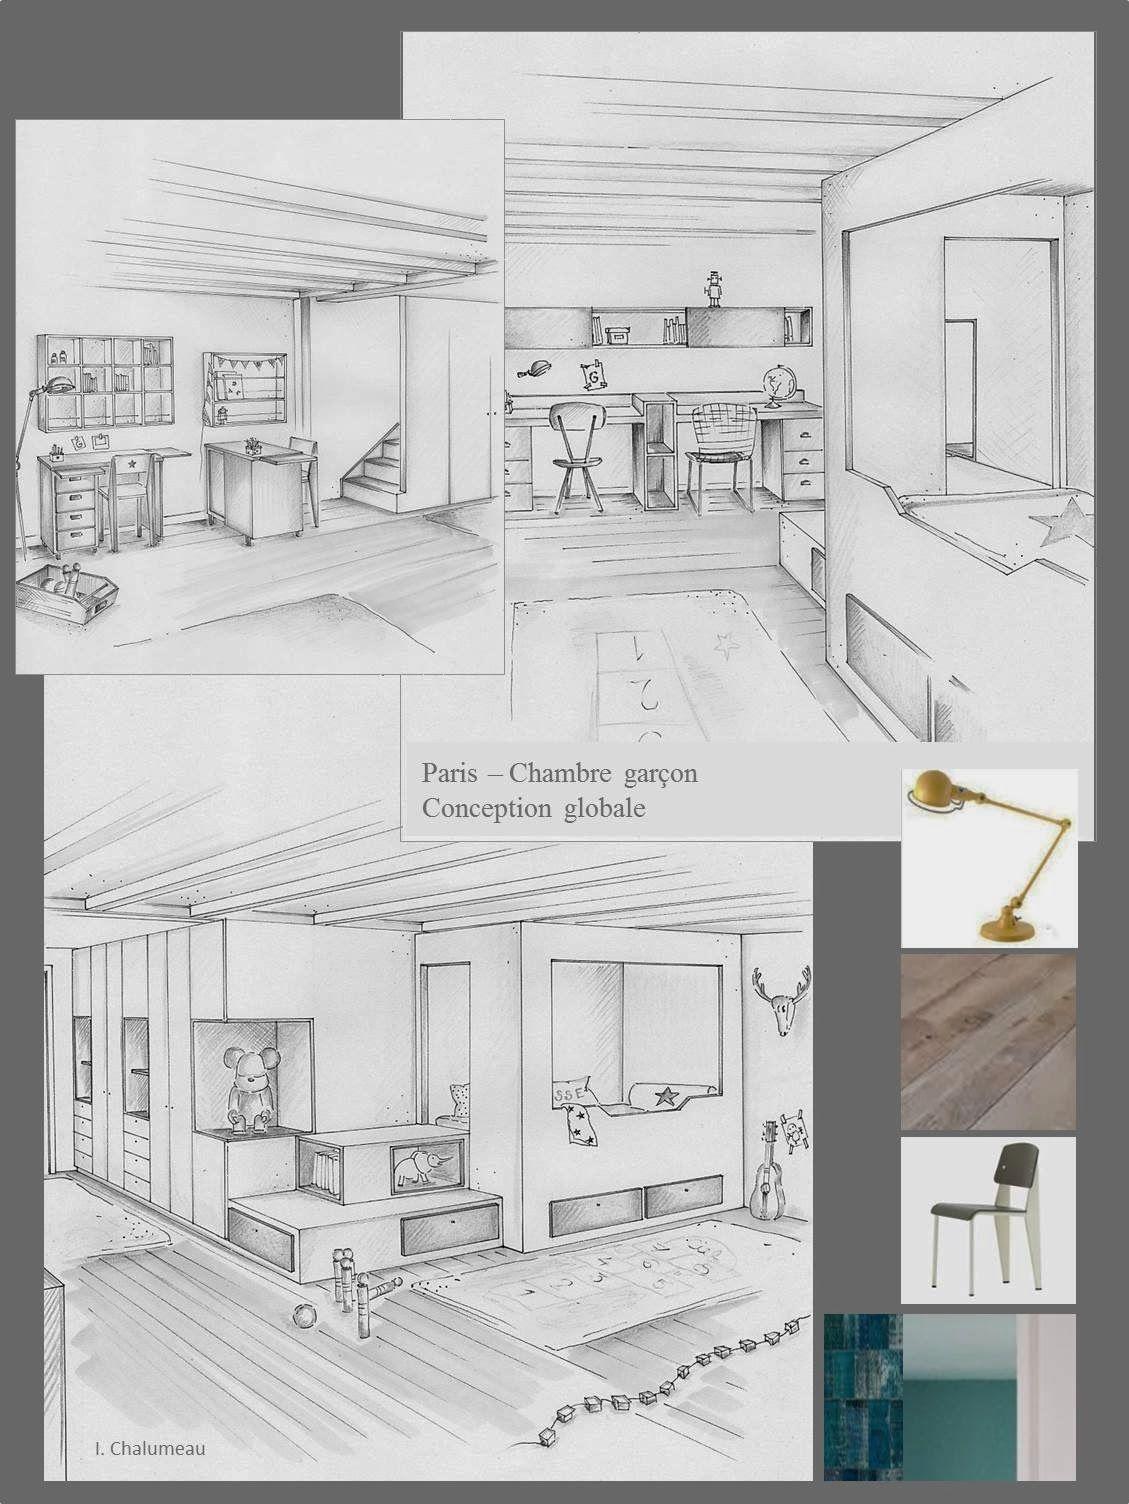 Chambre Garcon Esquisse Architecturale Maison Dessin Dessin Architecture